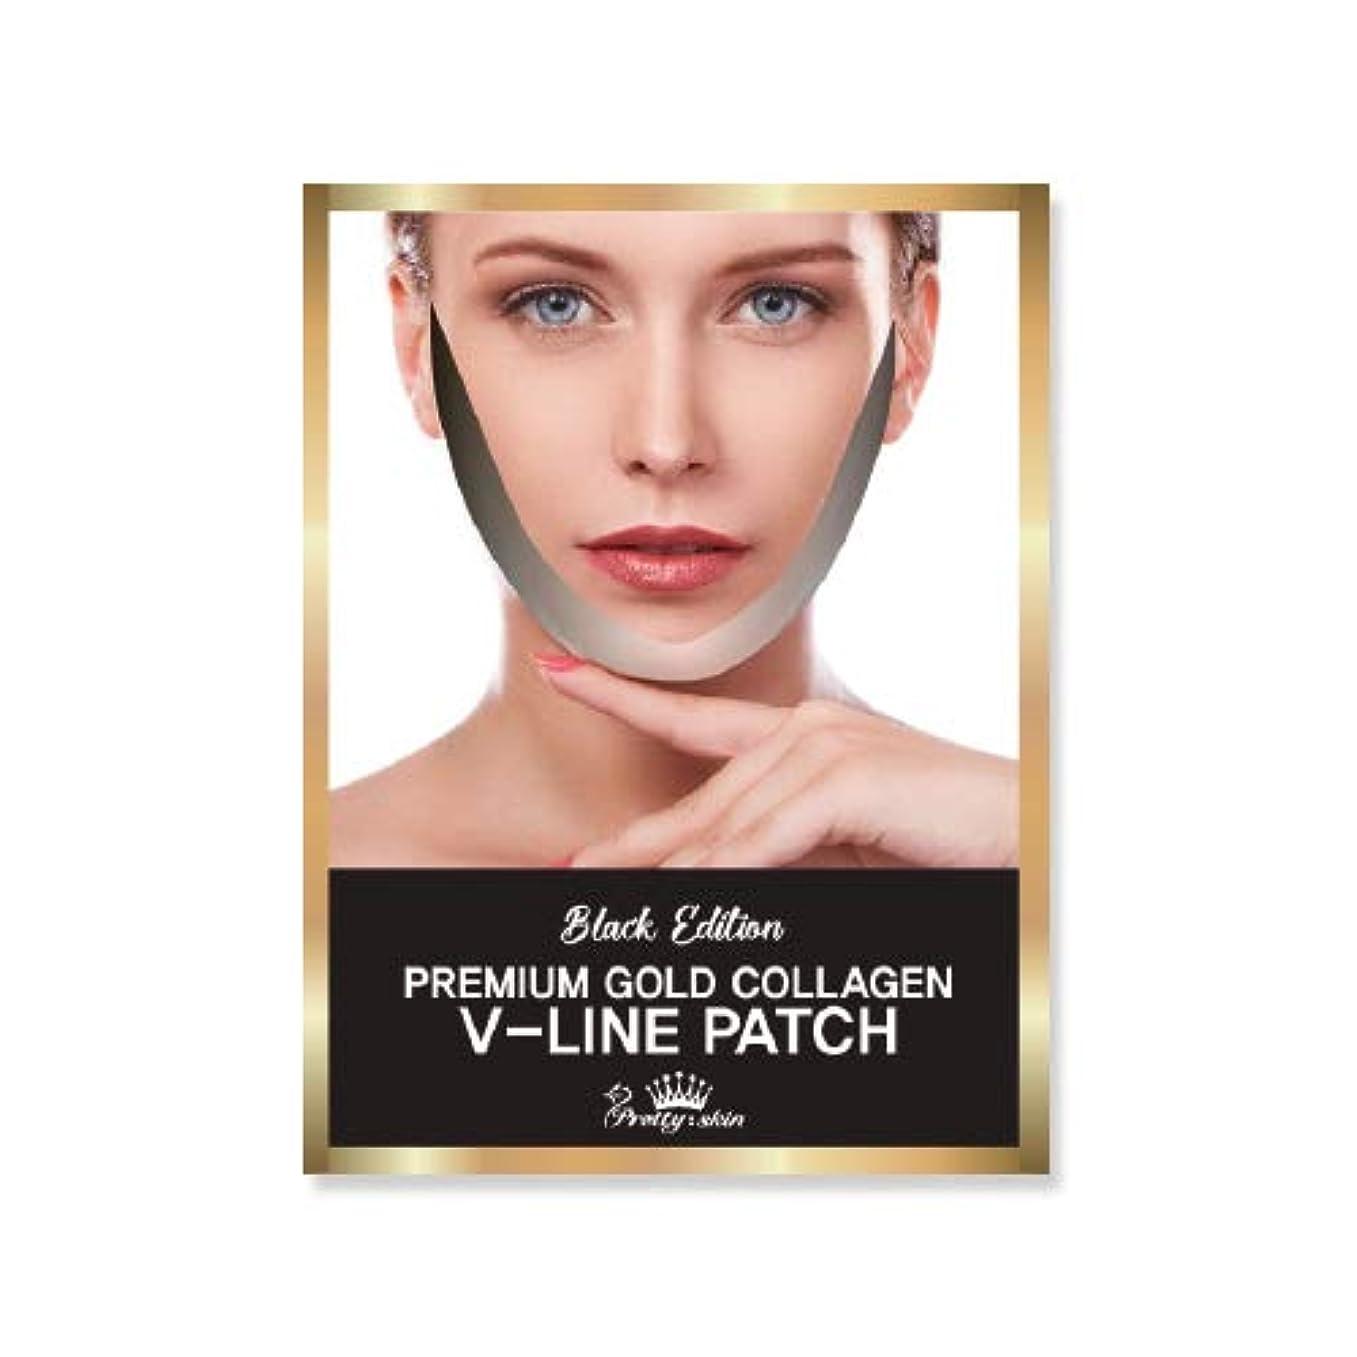 いつも植物学者日焼けpretty skin プリティスキン V-LINE PATCH ブイラインパッチ リフトアップ マスク (5枚組, ブラック)